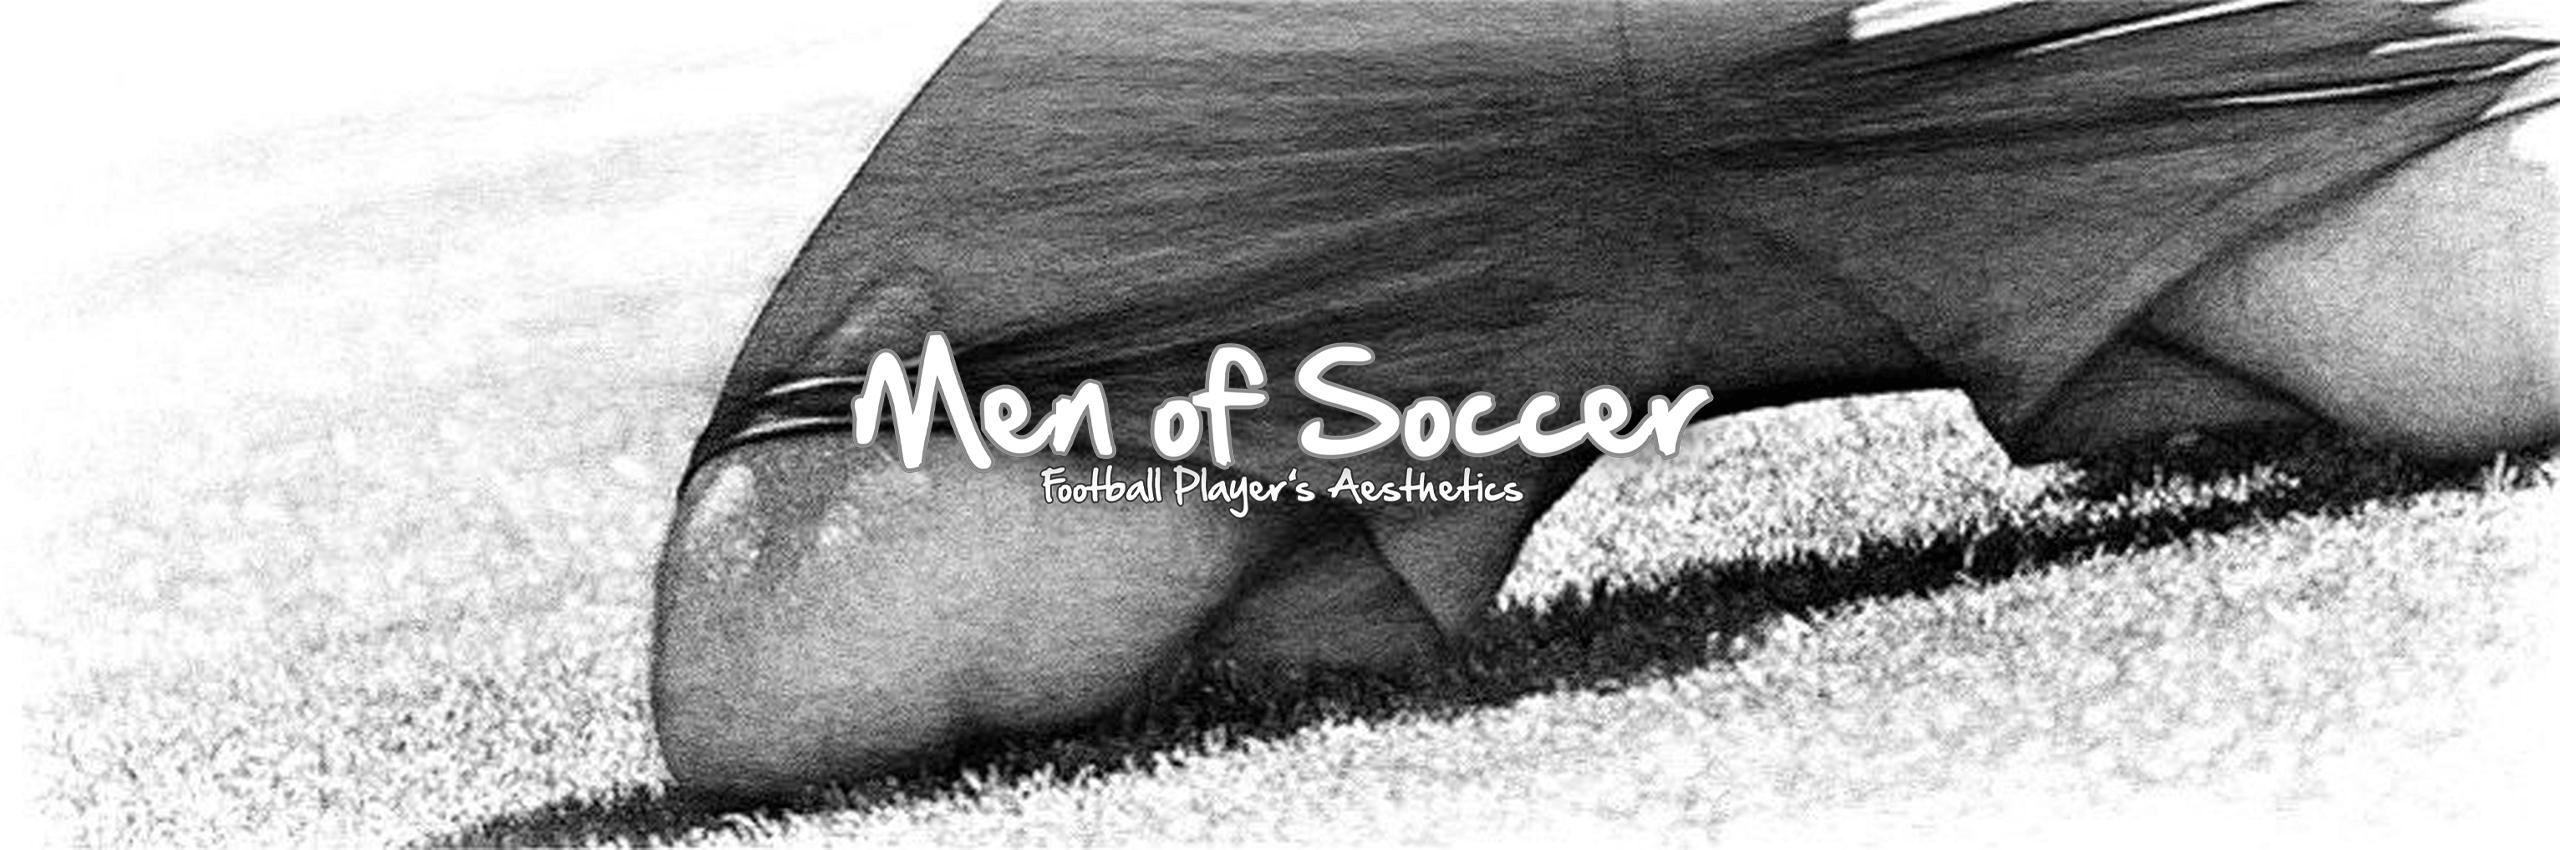 Men of Soccer | Football Player's Aesthetics